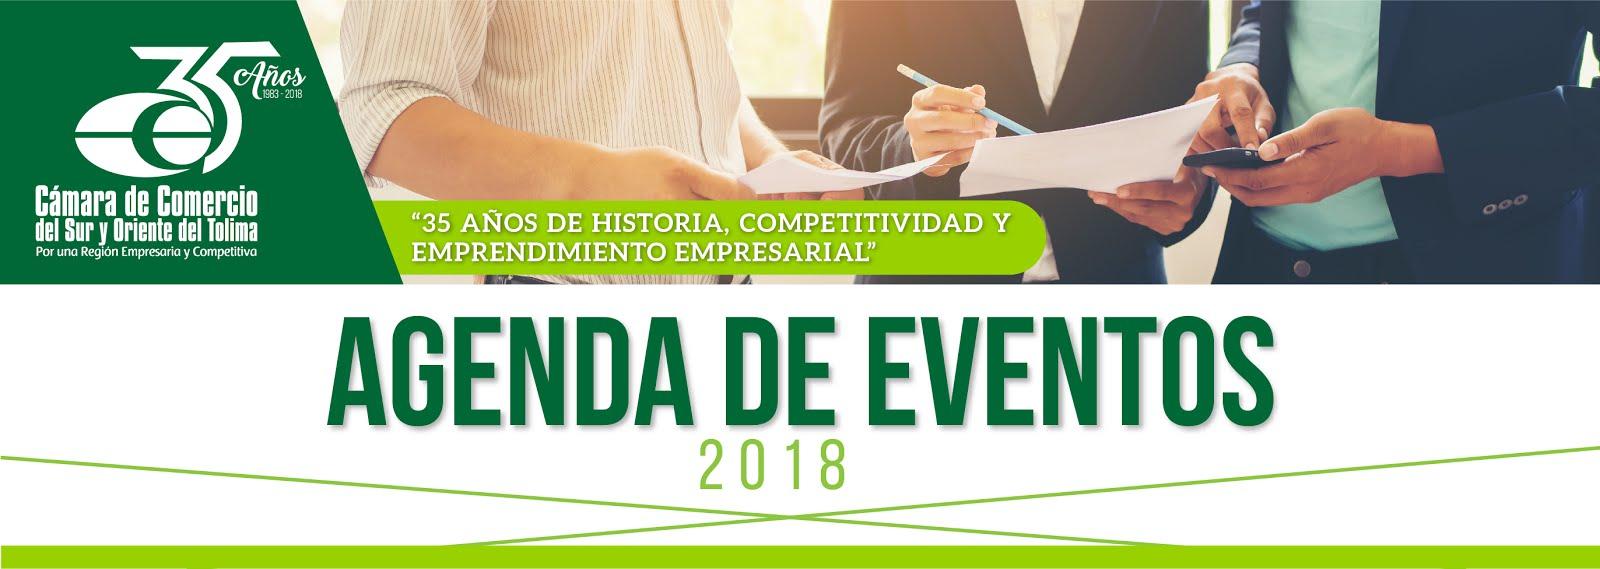 Blog de la Cámara de Comercio Sur y Oriente del Tolima